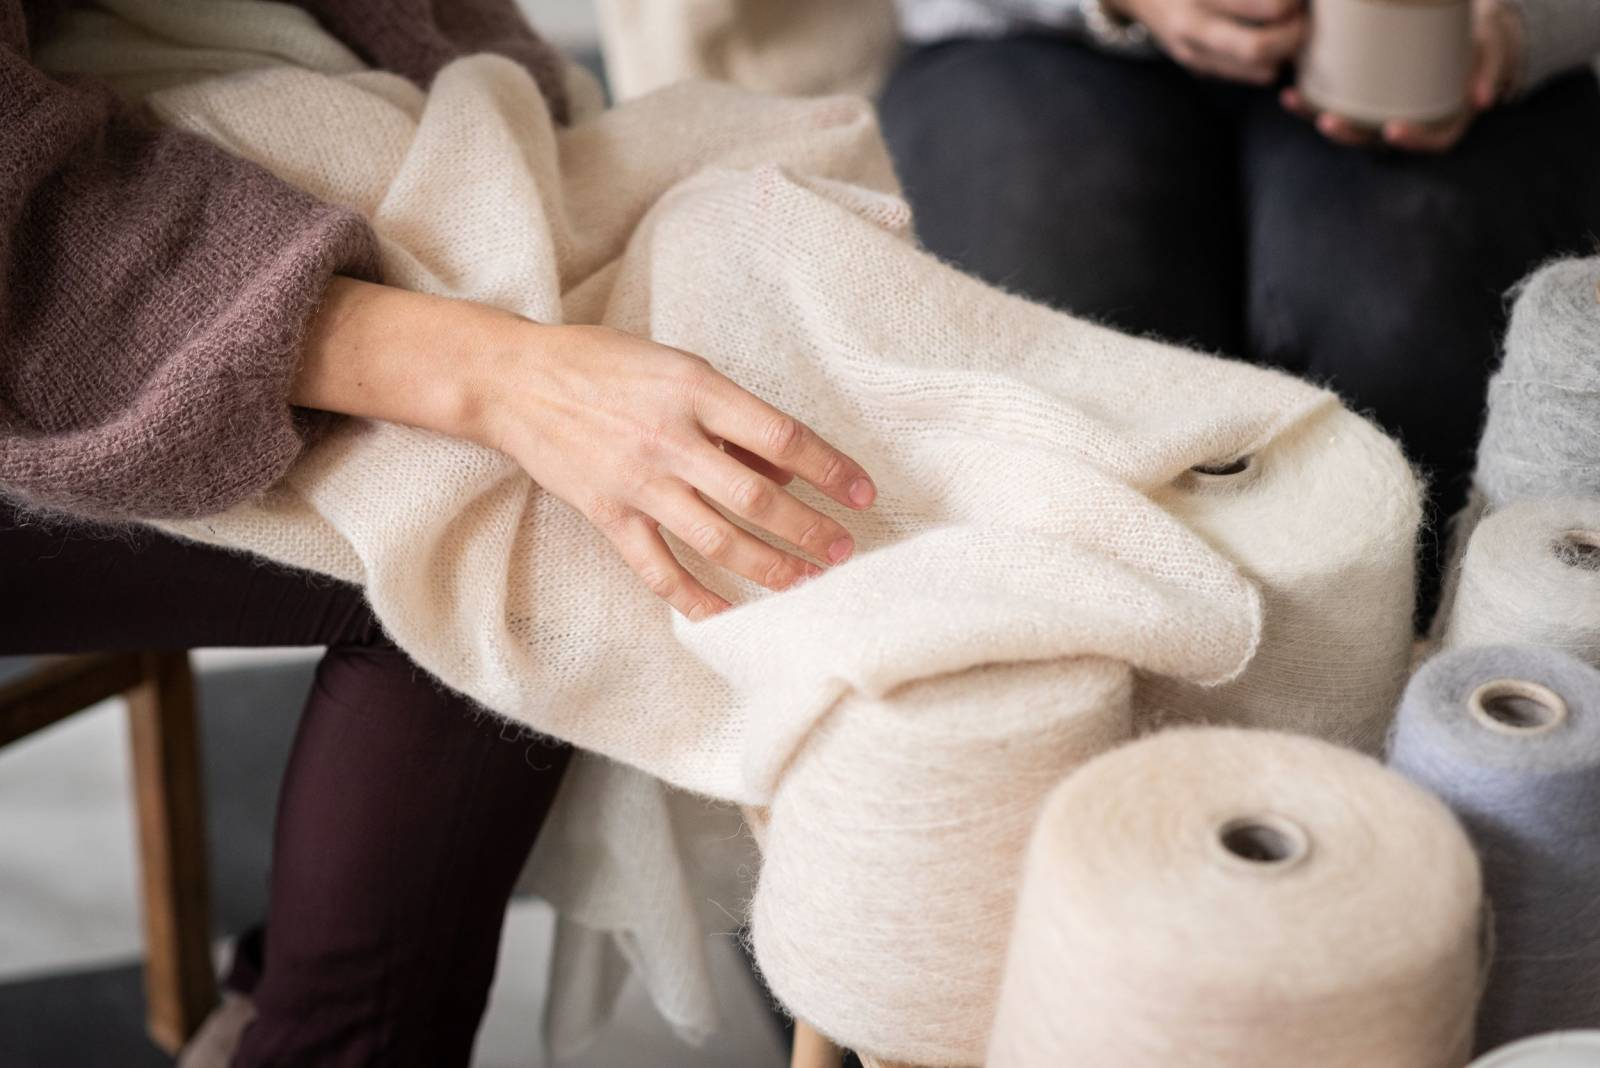 Lotte Van Huyck - Bridal Knitwear - Sjaals - Bridal workshop - Vrijgezellen activiteit - House of Weddings - 4